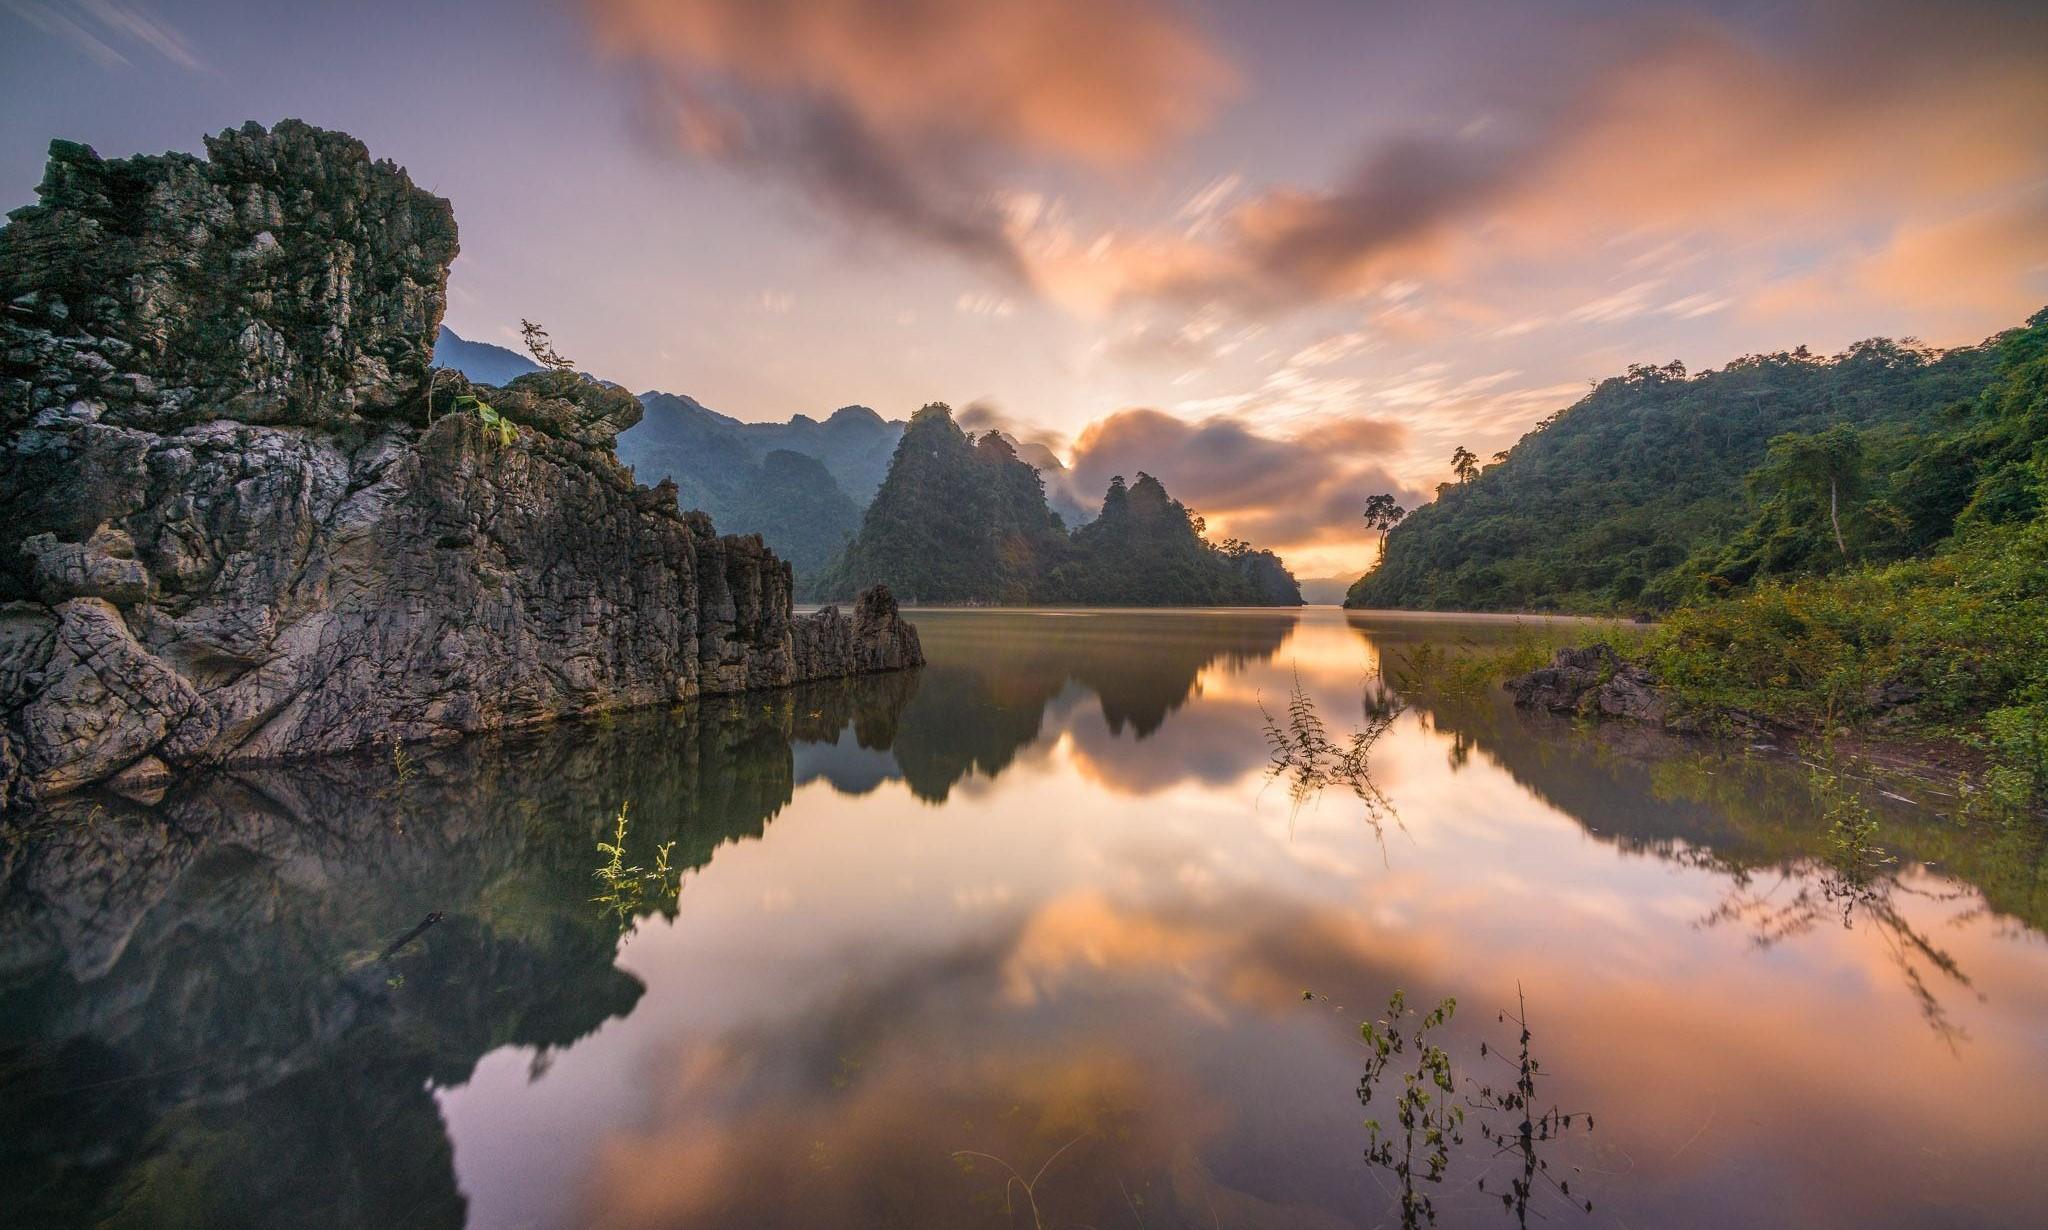 8 quy tắc an toàn khi đi chụp ảnh trên hồ nước